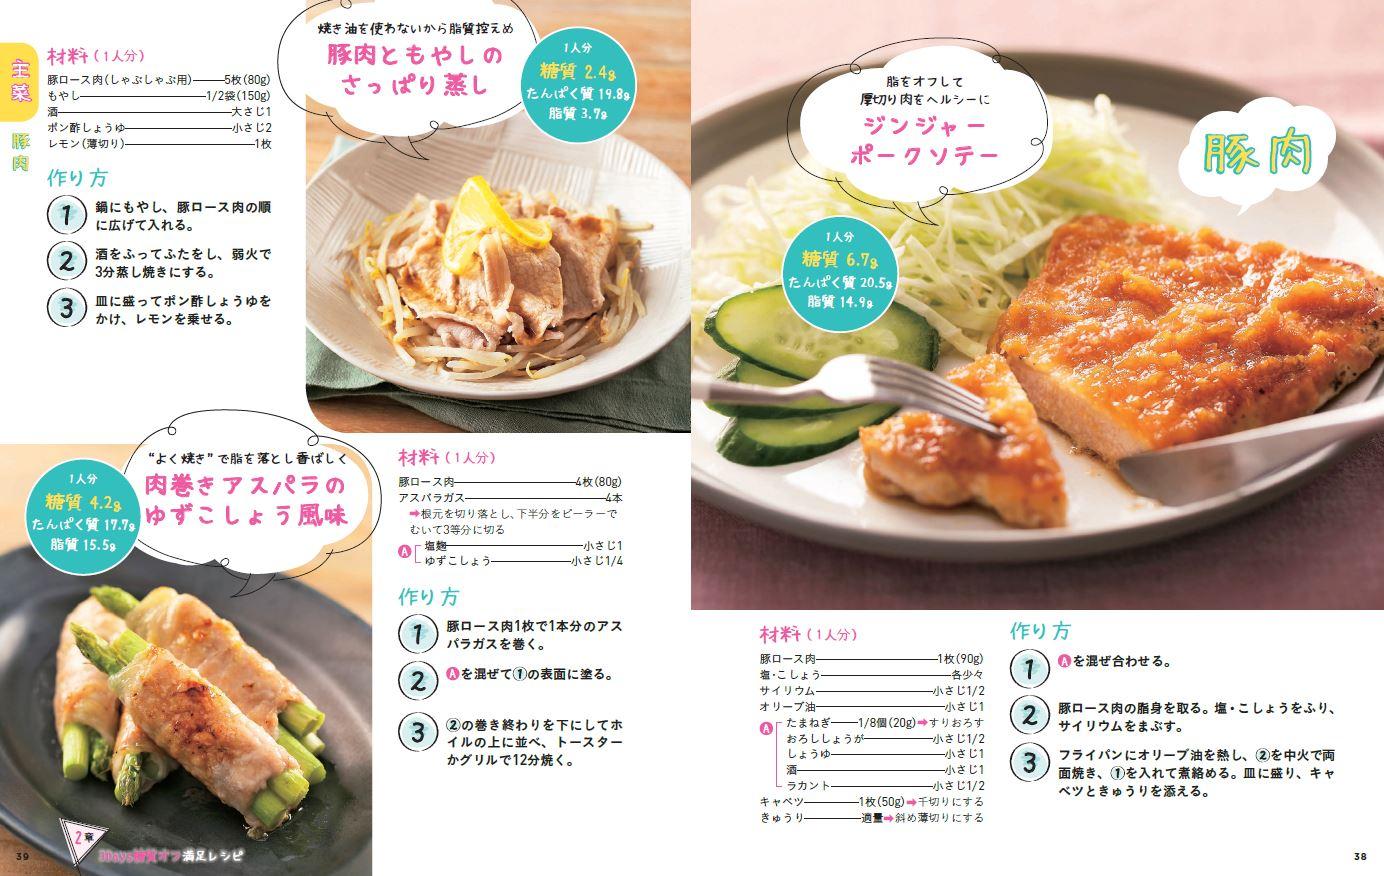 「たんぱく質をしっかりとれるガッツリ主菜」とてもダイエット食には見えません 紙面